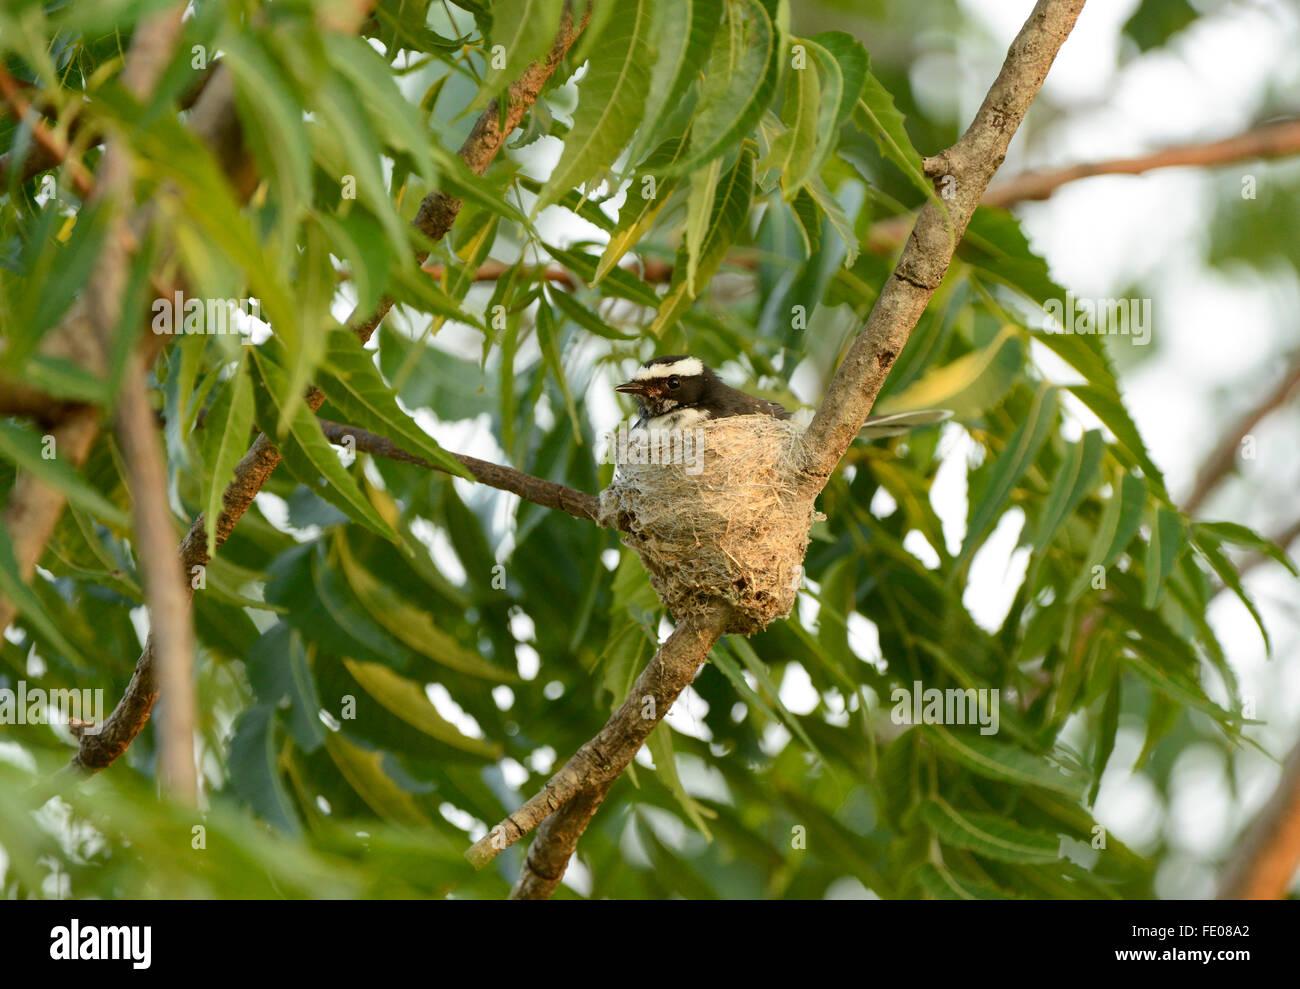 White-browed Fantail (Rhipidura aureola) sitting on nest, Yala National Park, Sri Lanka, March - Stock Image